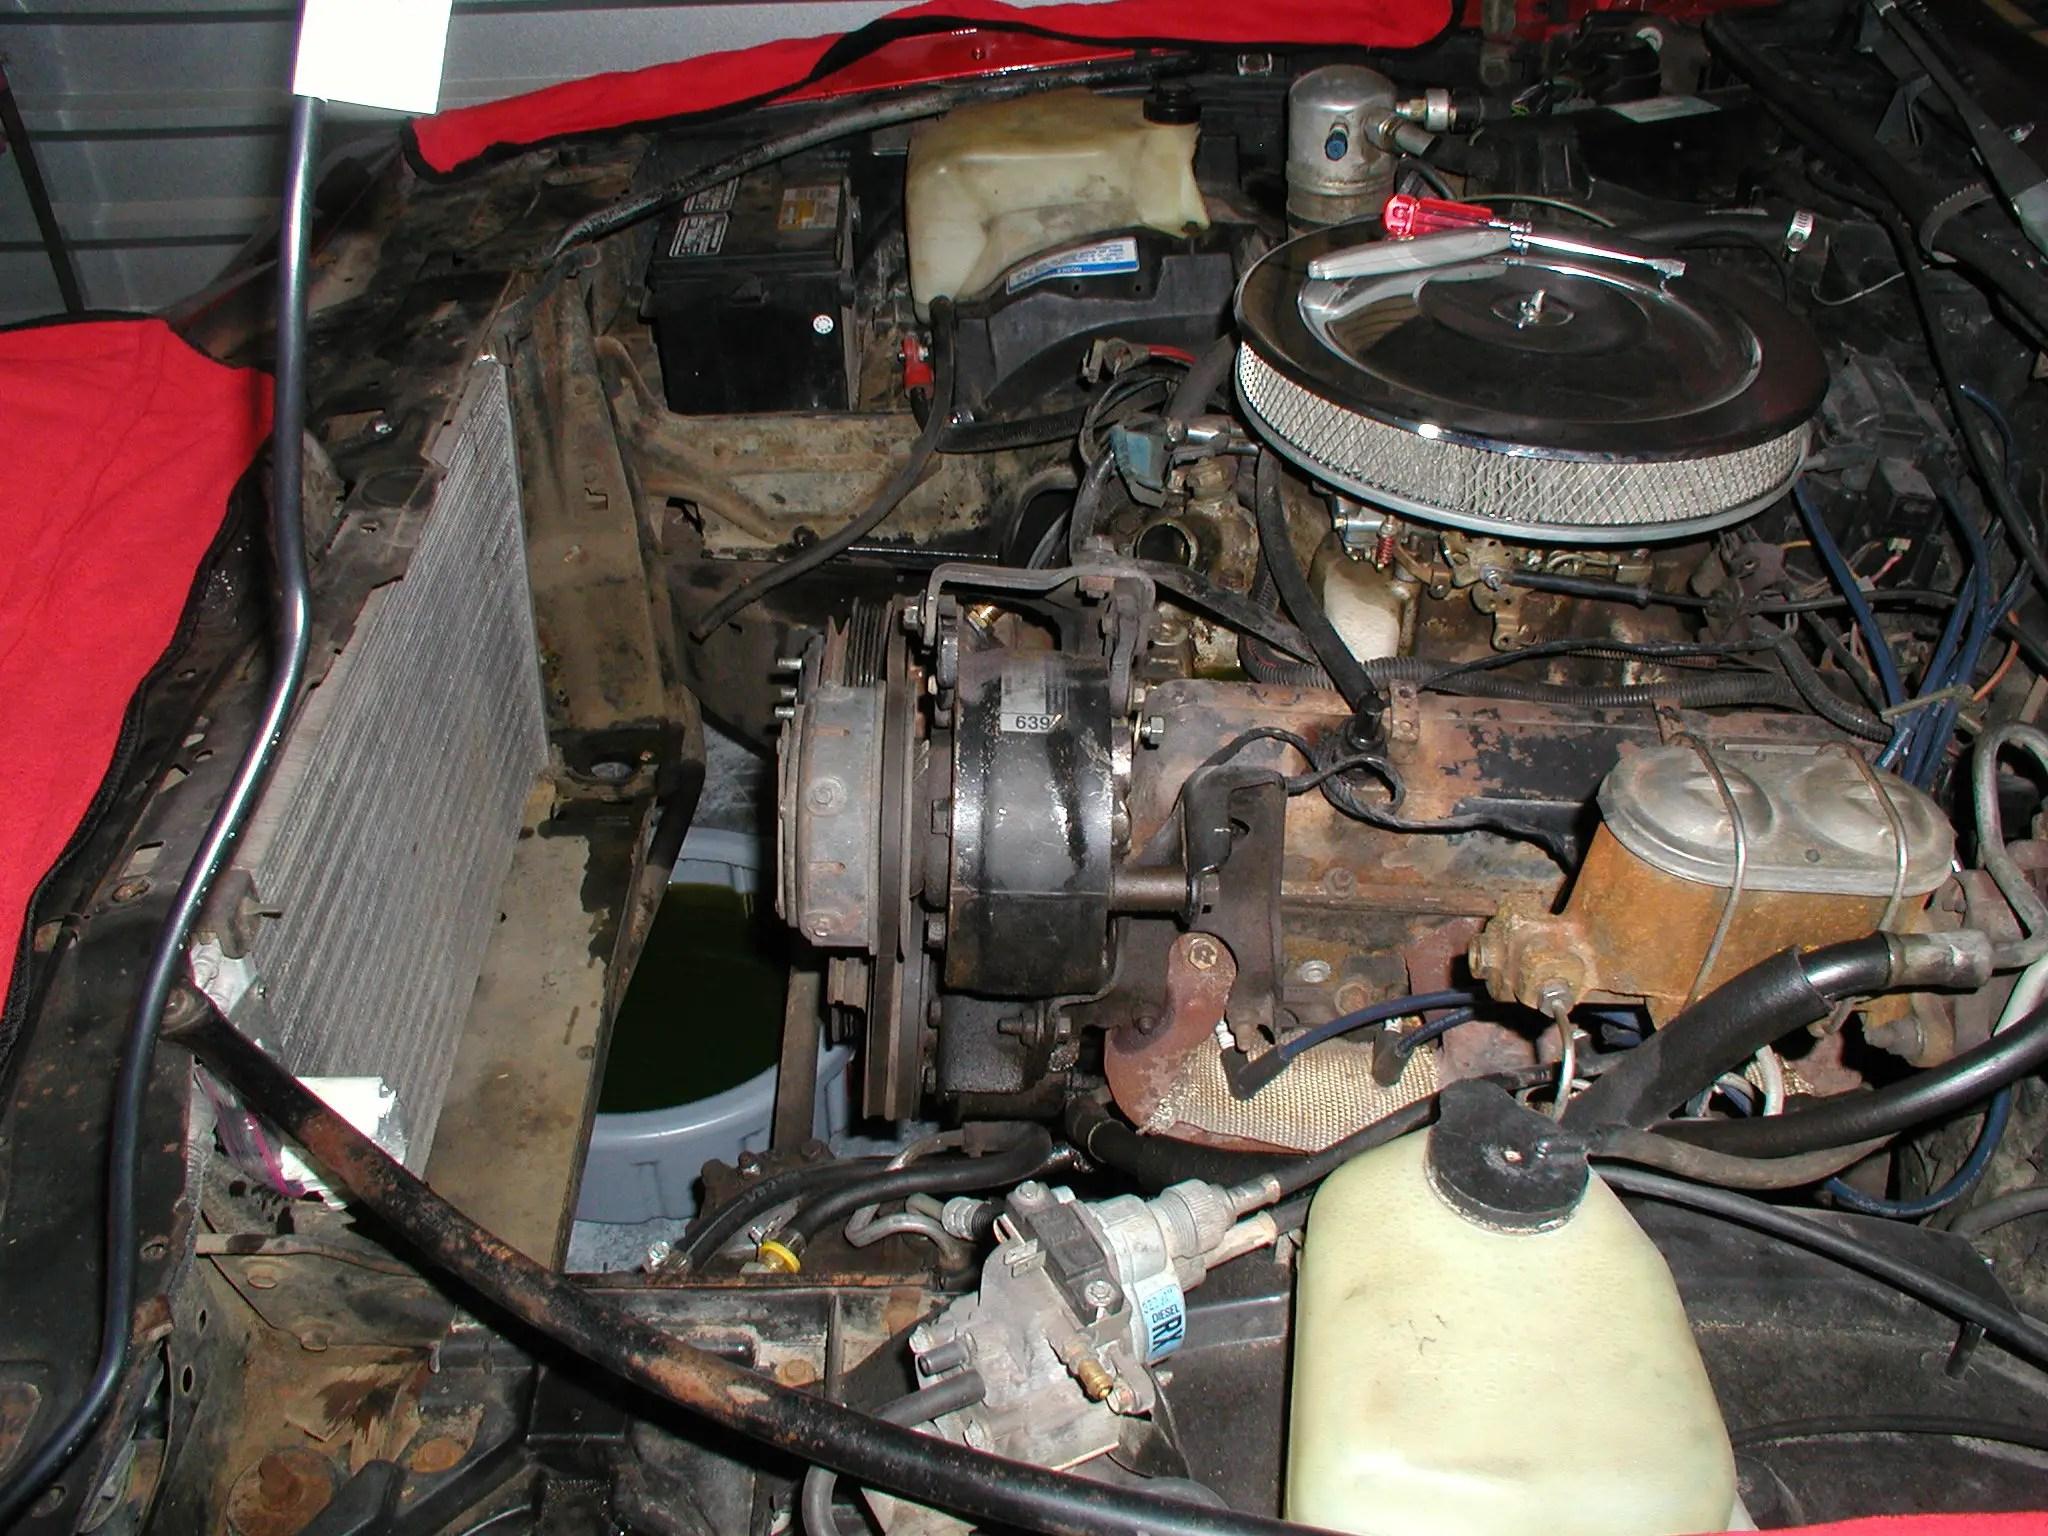 1972 Chevelle Fuse Box R4 A C Compressor Bracket Configuration Page 4